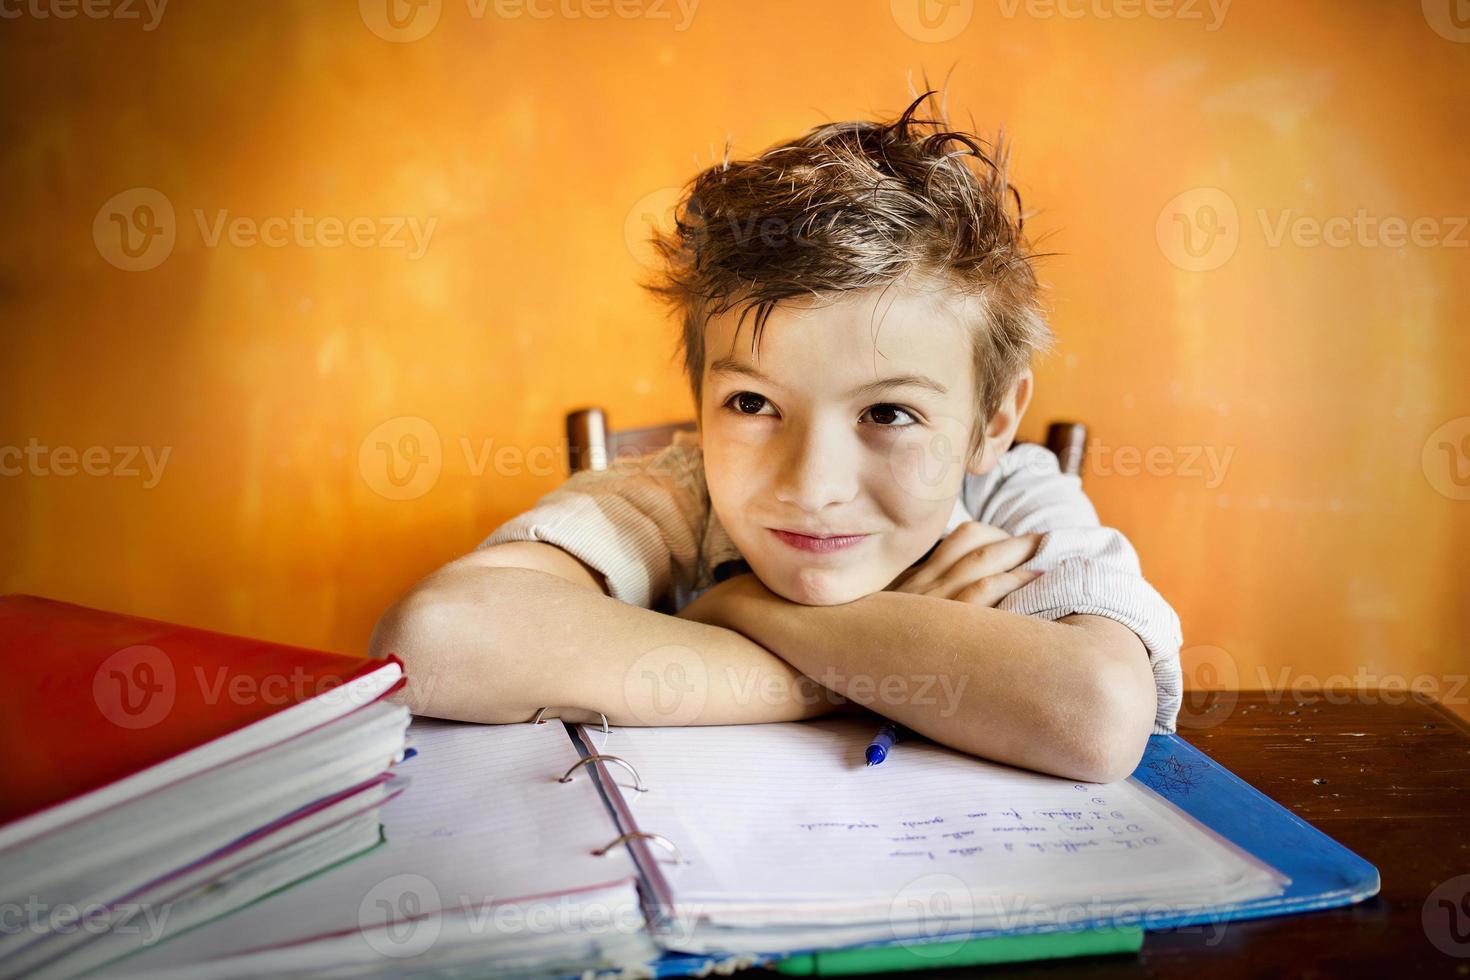 jeune garçon se concentrant sur les devoirs photo